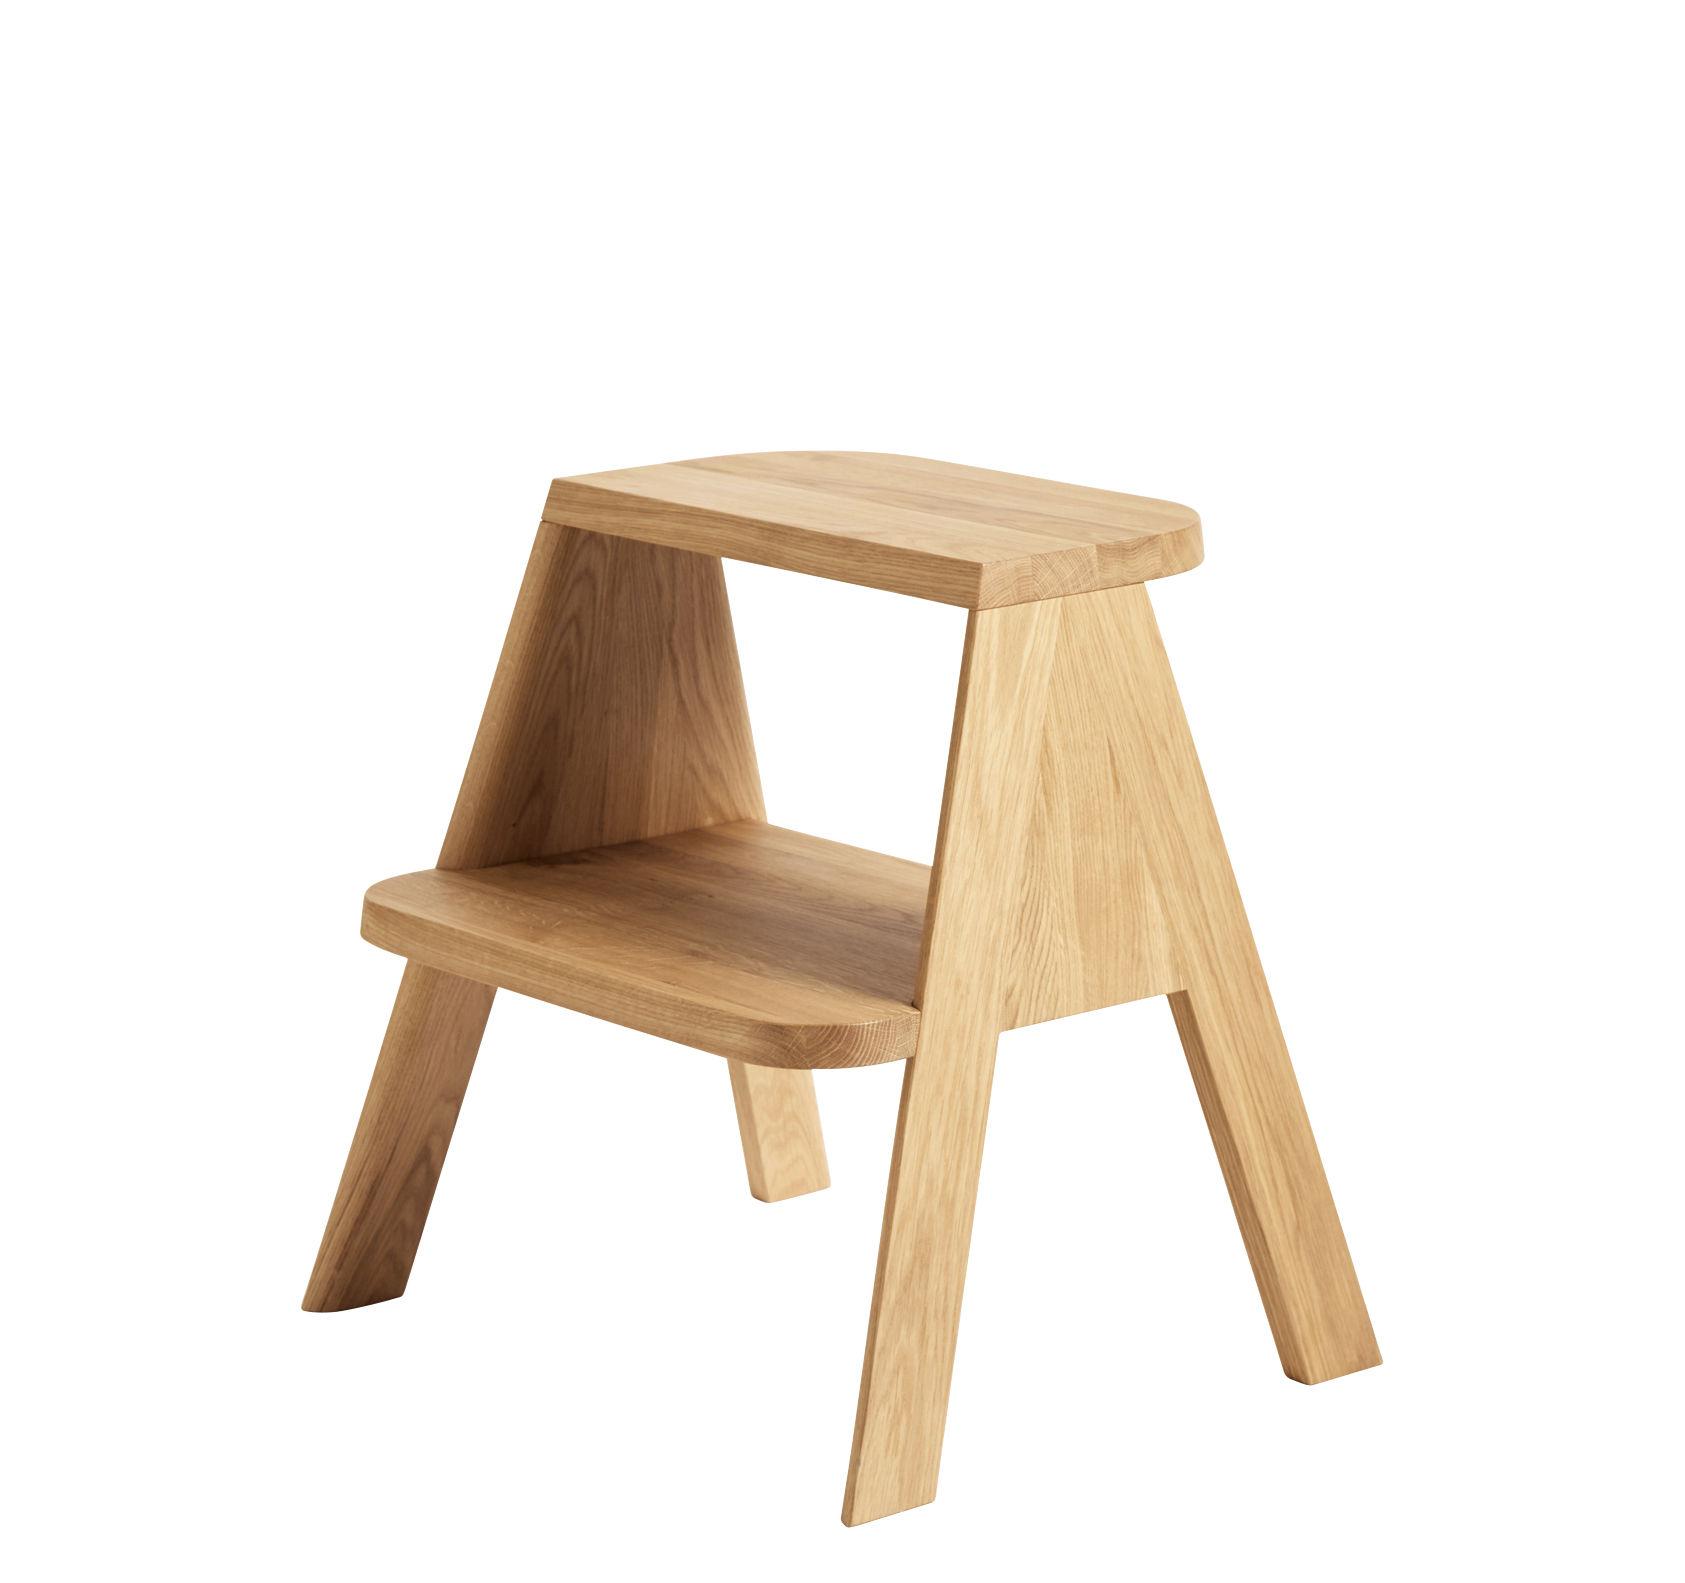 Mobilier - Compléments d'ameublement - Escabeau Butler / Multifonction - Chêne - Hay - Chêne huilé - Chêne massif